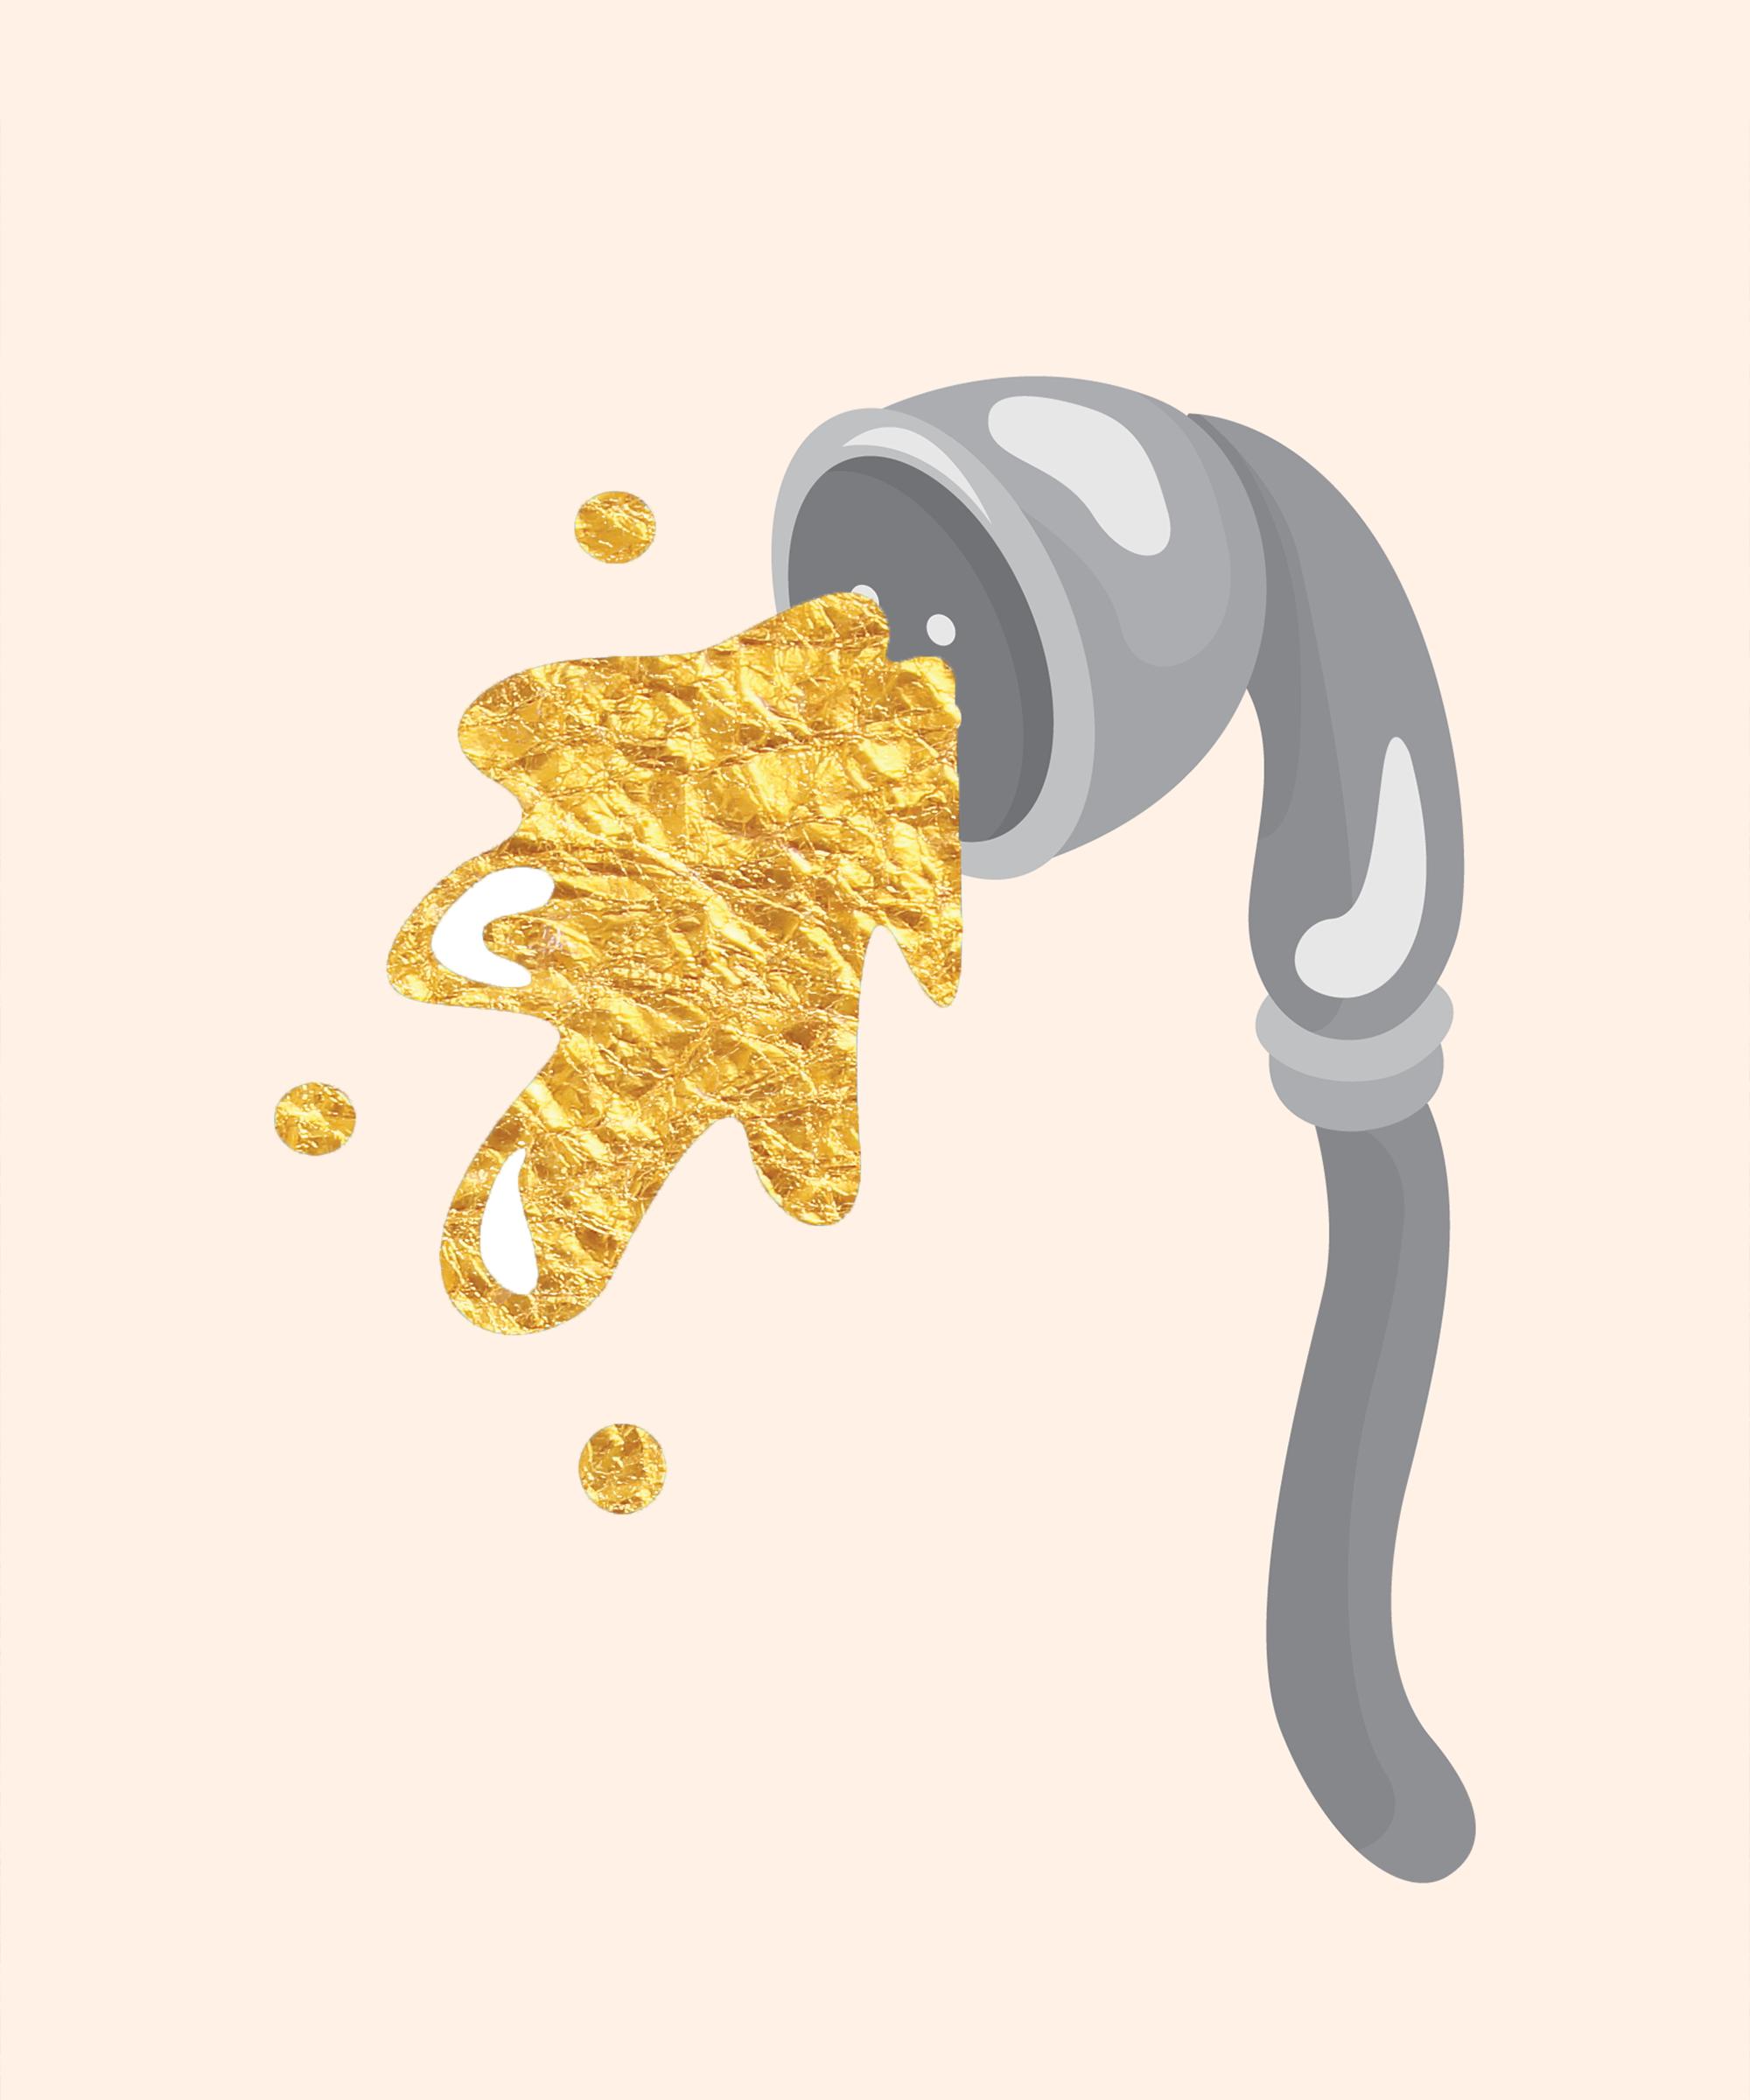 Watersports urine golden shower